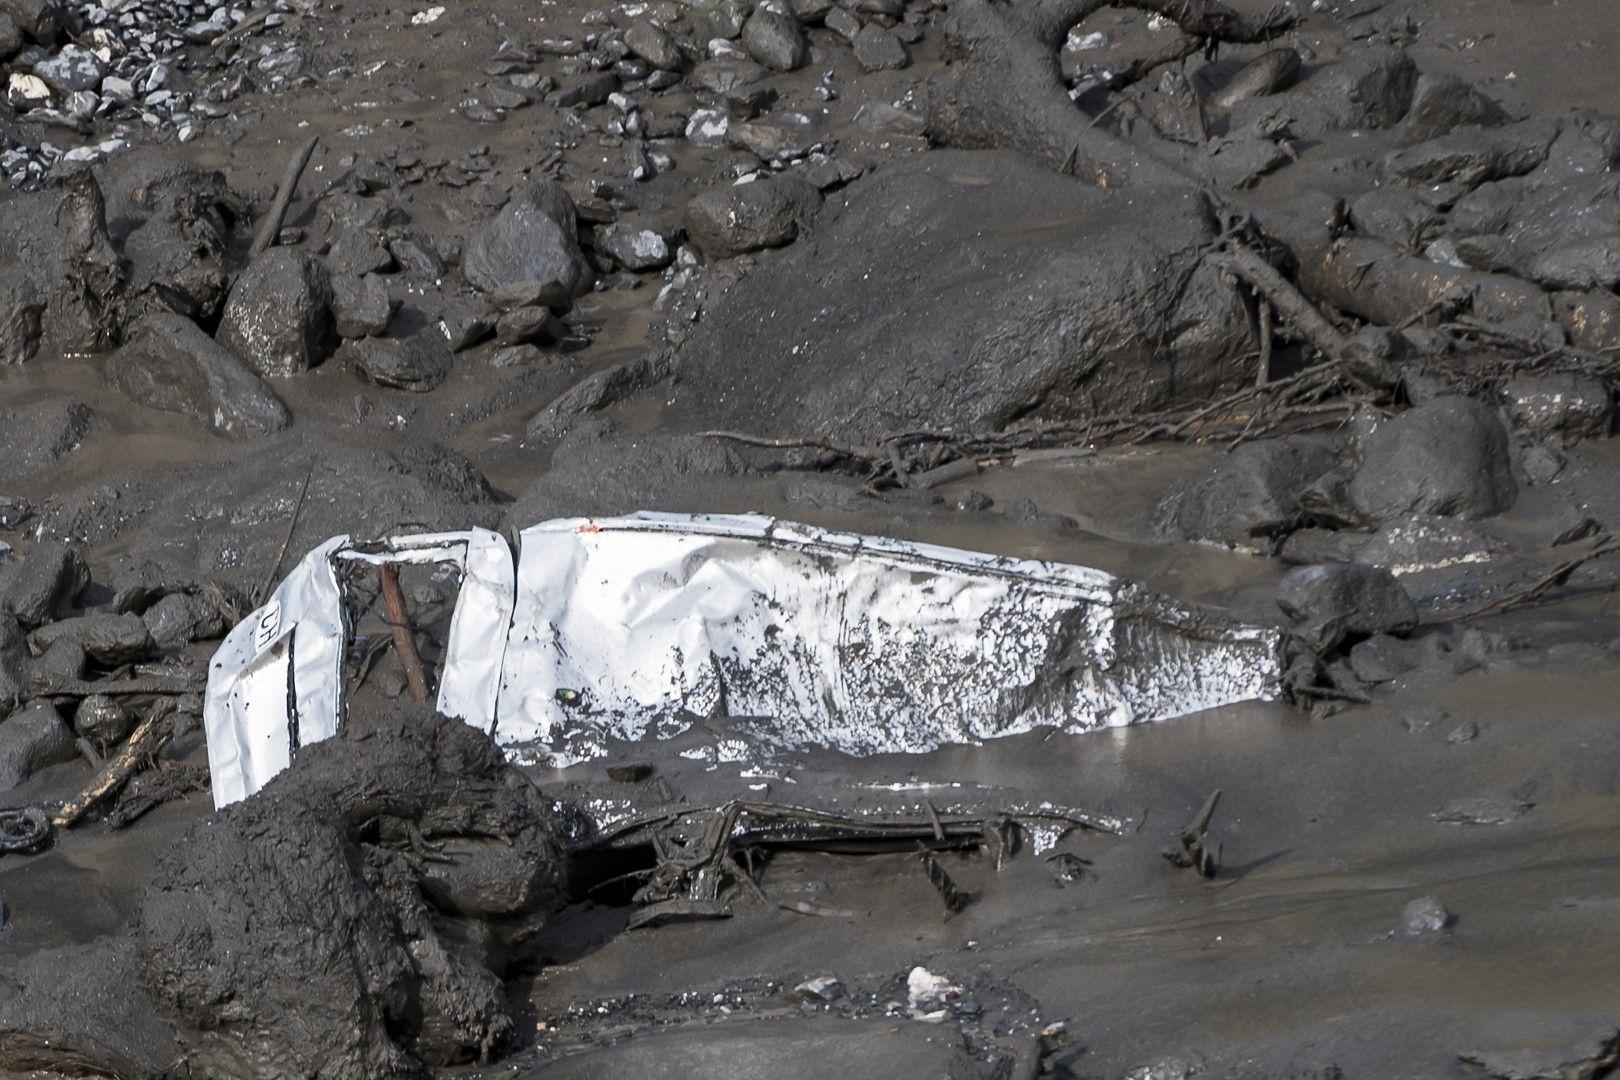 Кола се подава от калния порой, в какъвто се е превърнало коритото на р. Лозанс в района на селището Шамосон, Швейцария. Колата е била празна